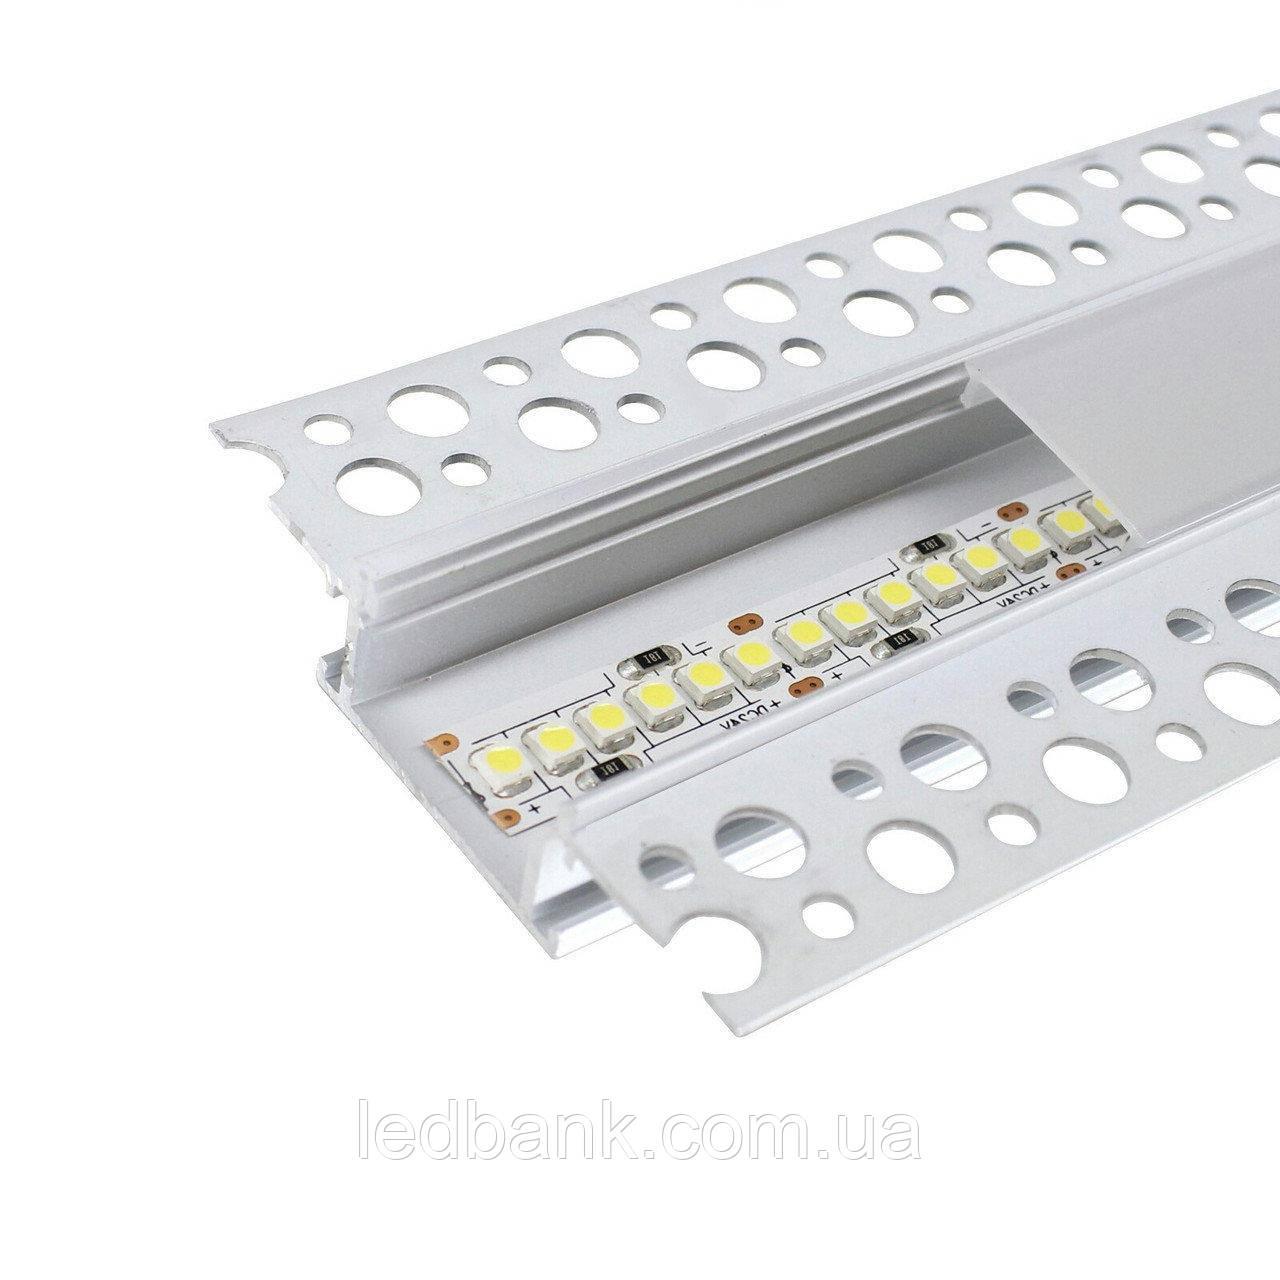 Профиль для светодиодной ленты встроенный под штукатурку и гипсокартон